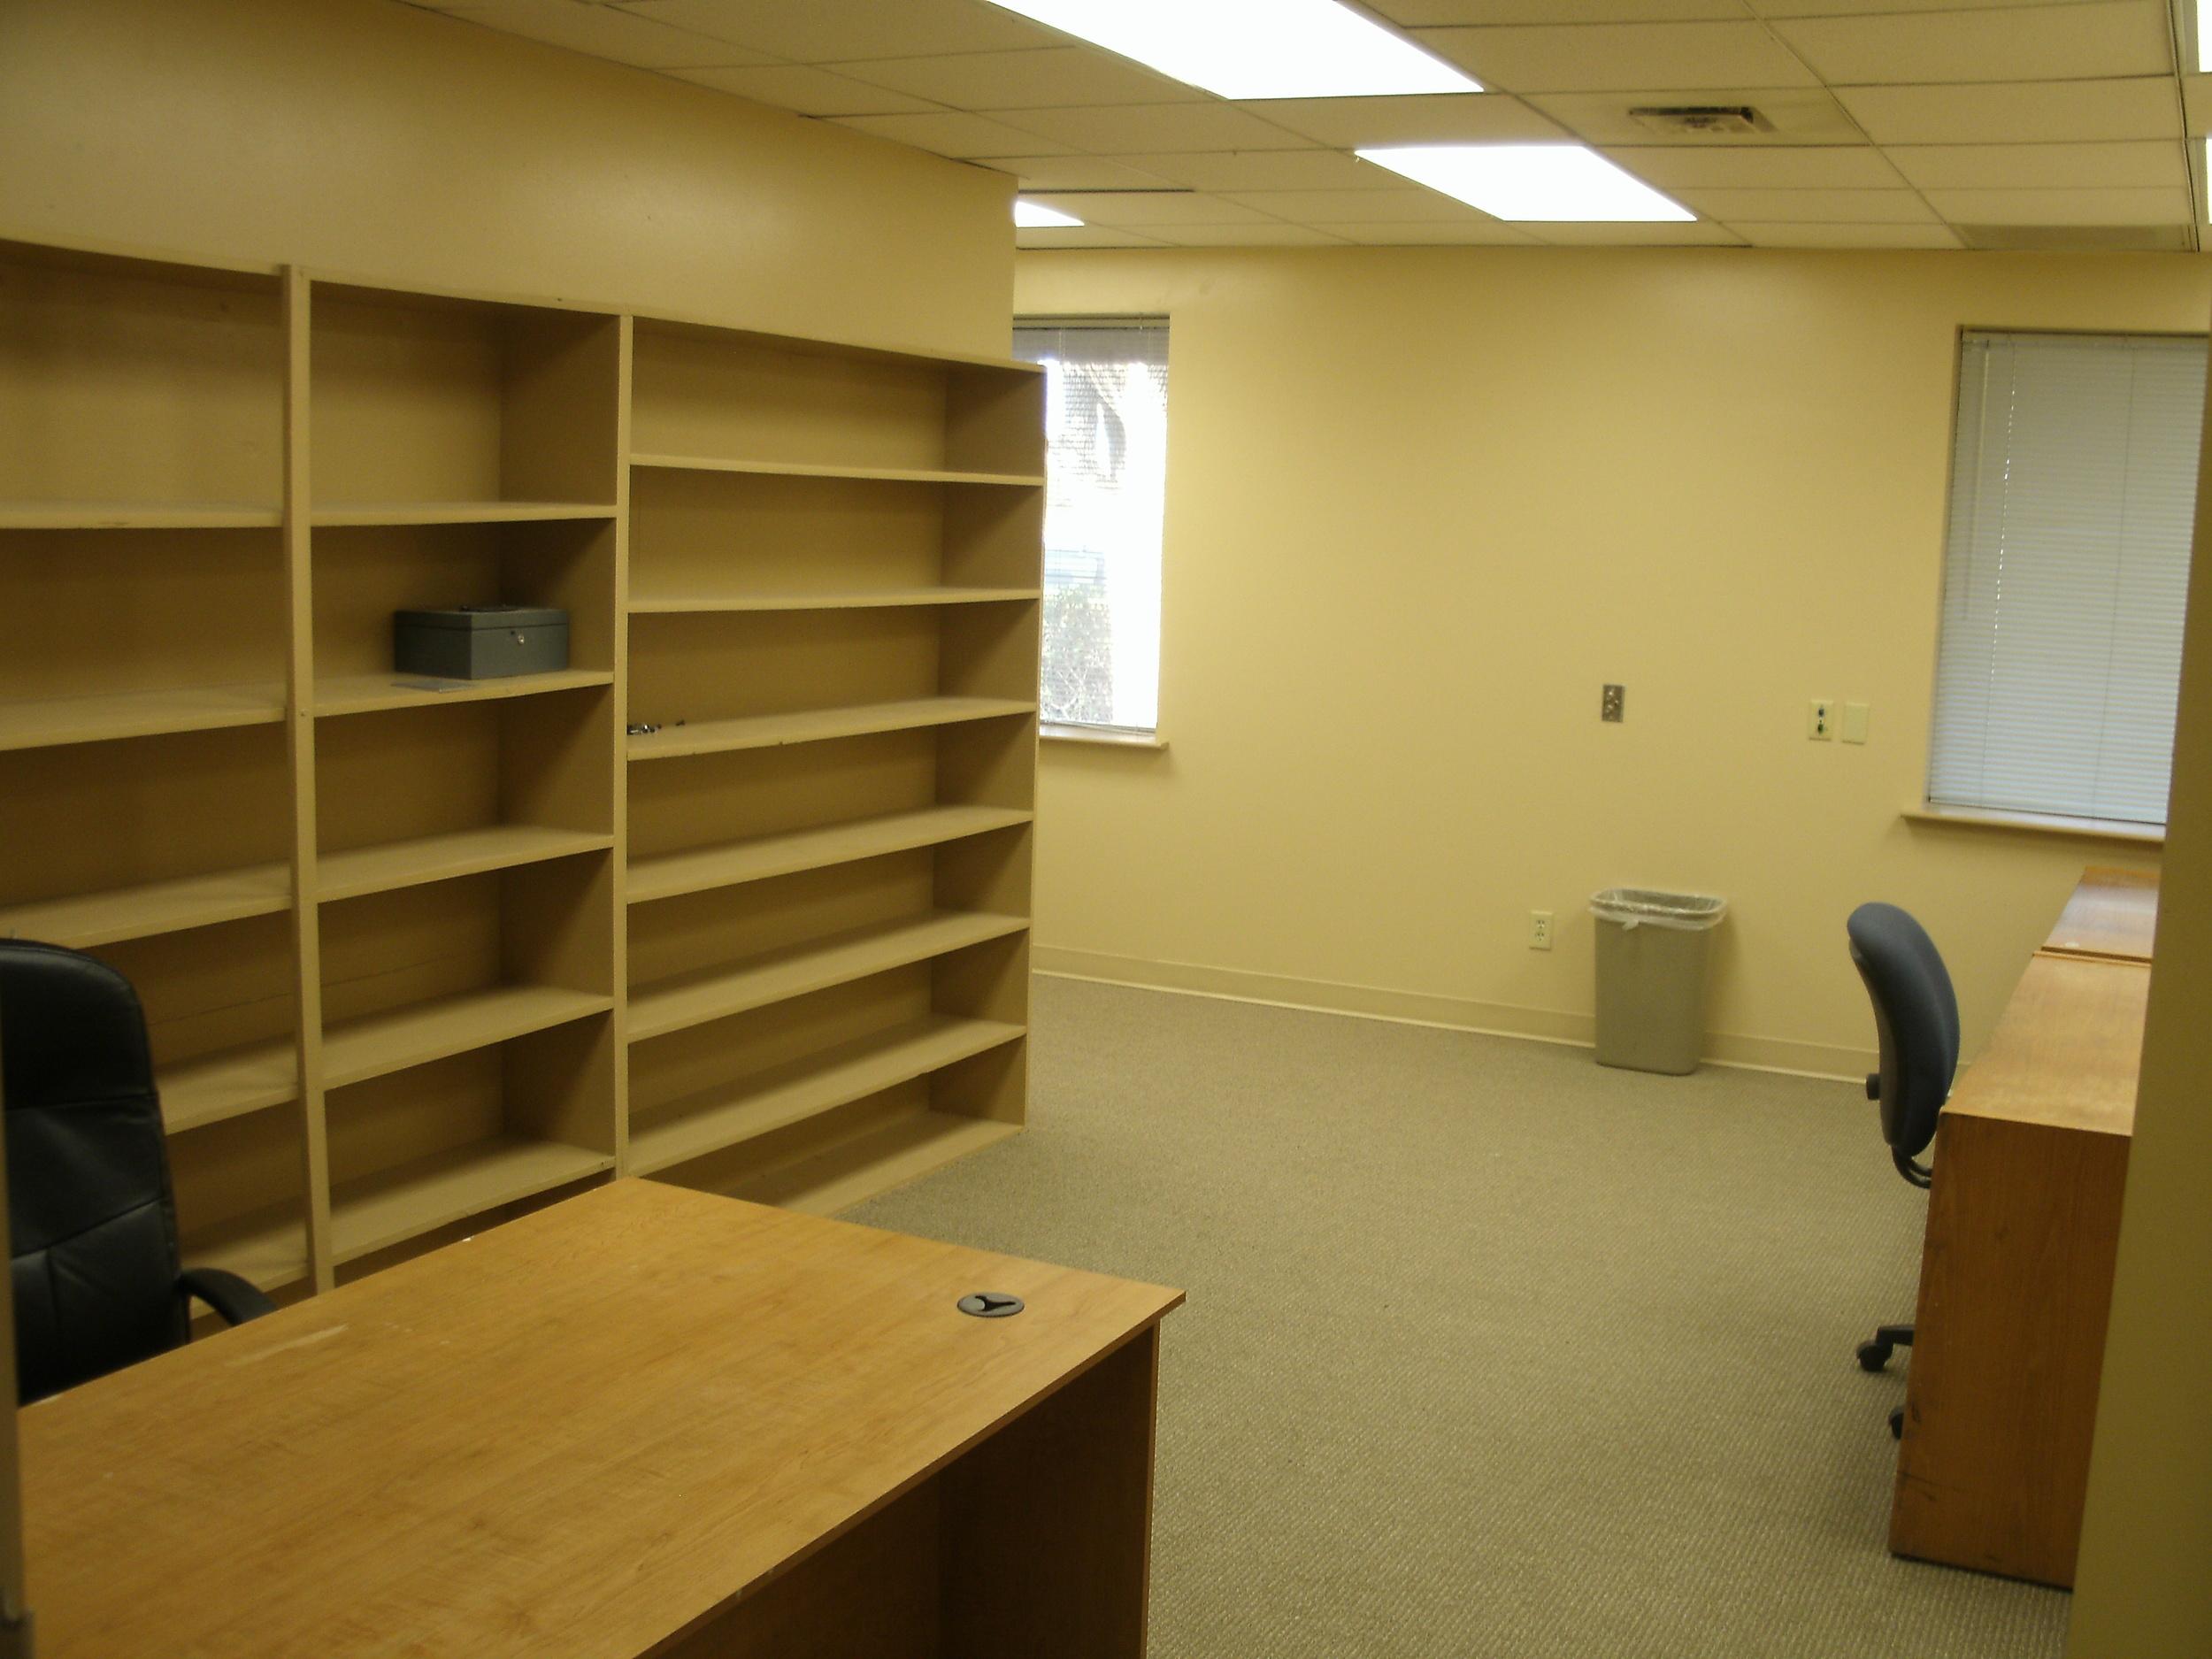 Bayview Hospital Office Area.jpg